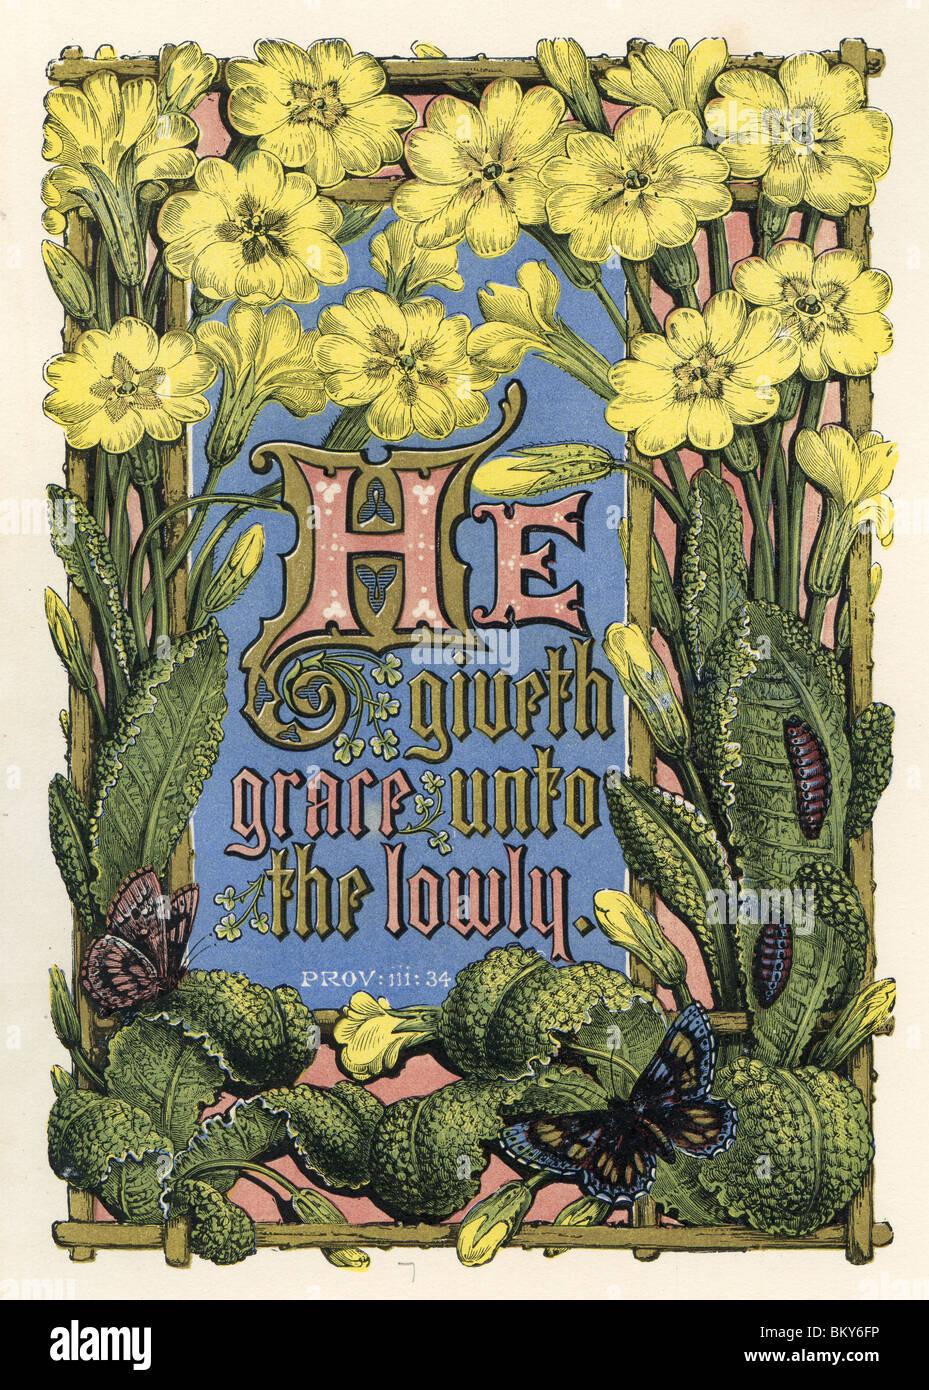 Arte religiosa con fiori di colore giallo Immagini Stock